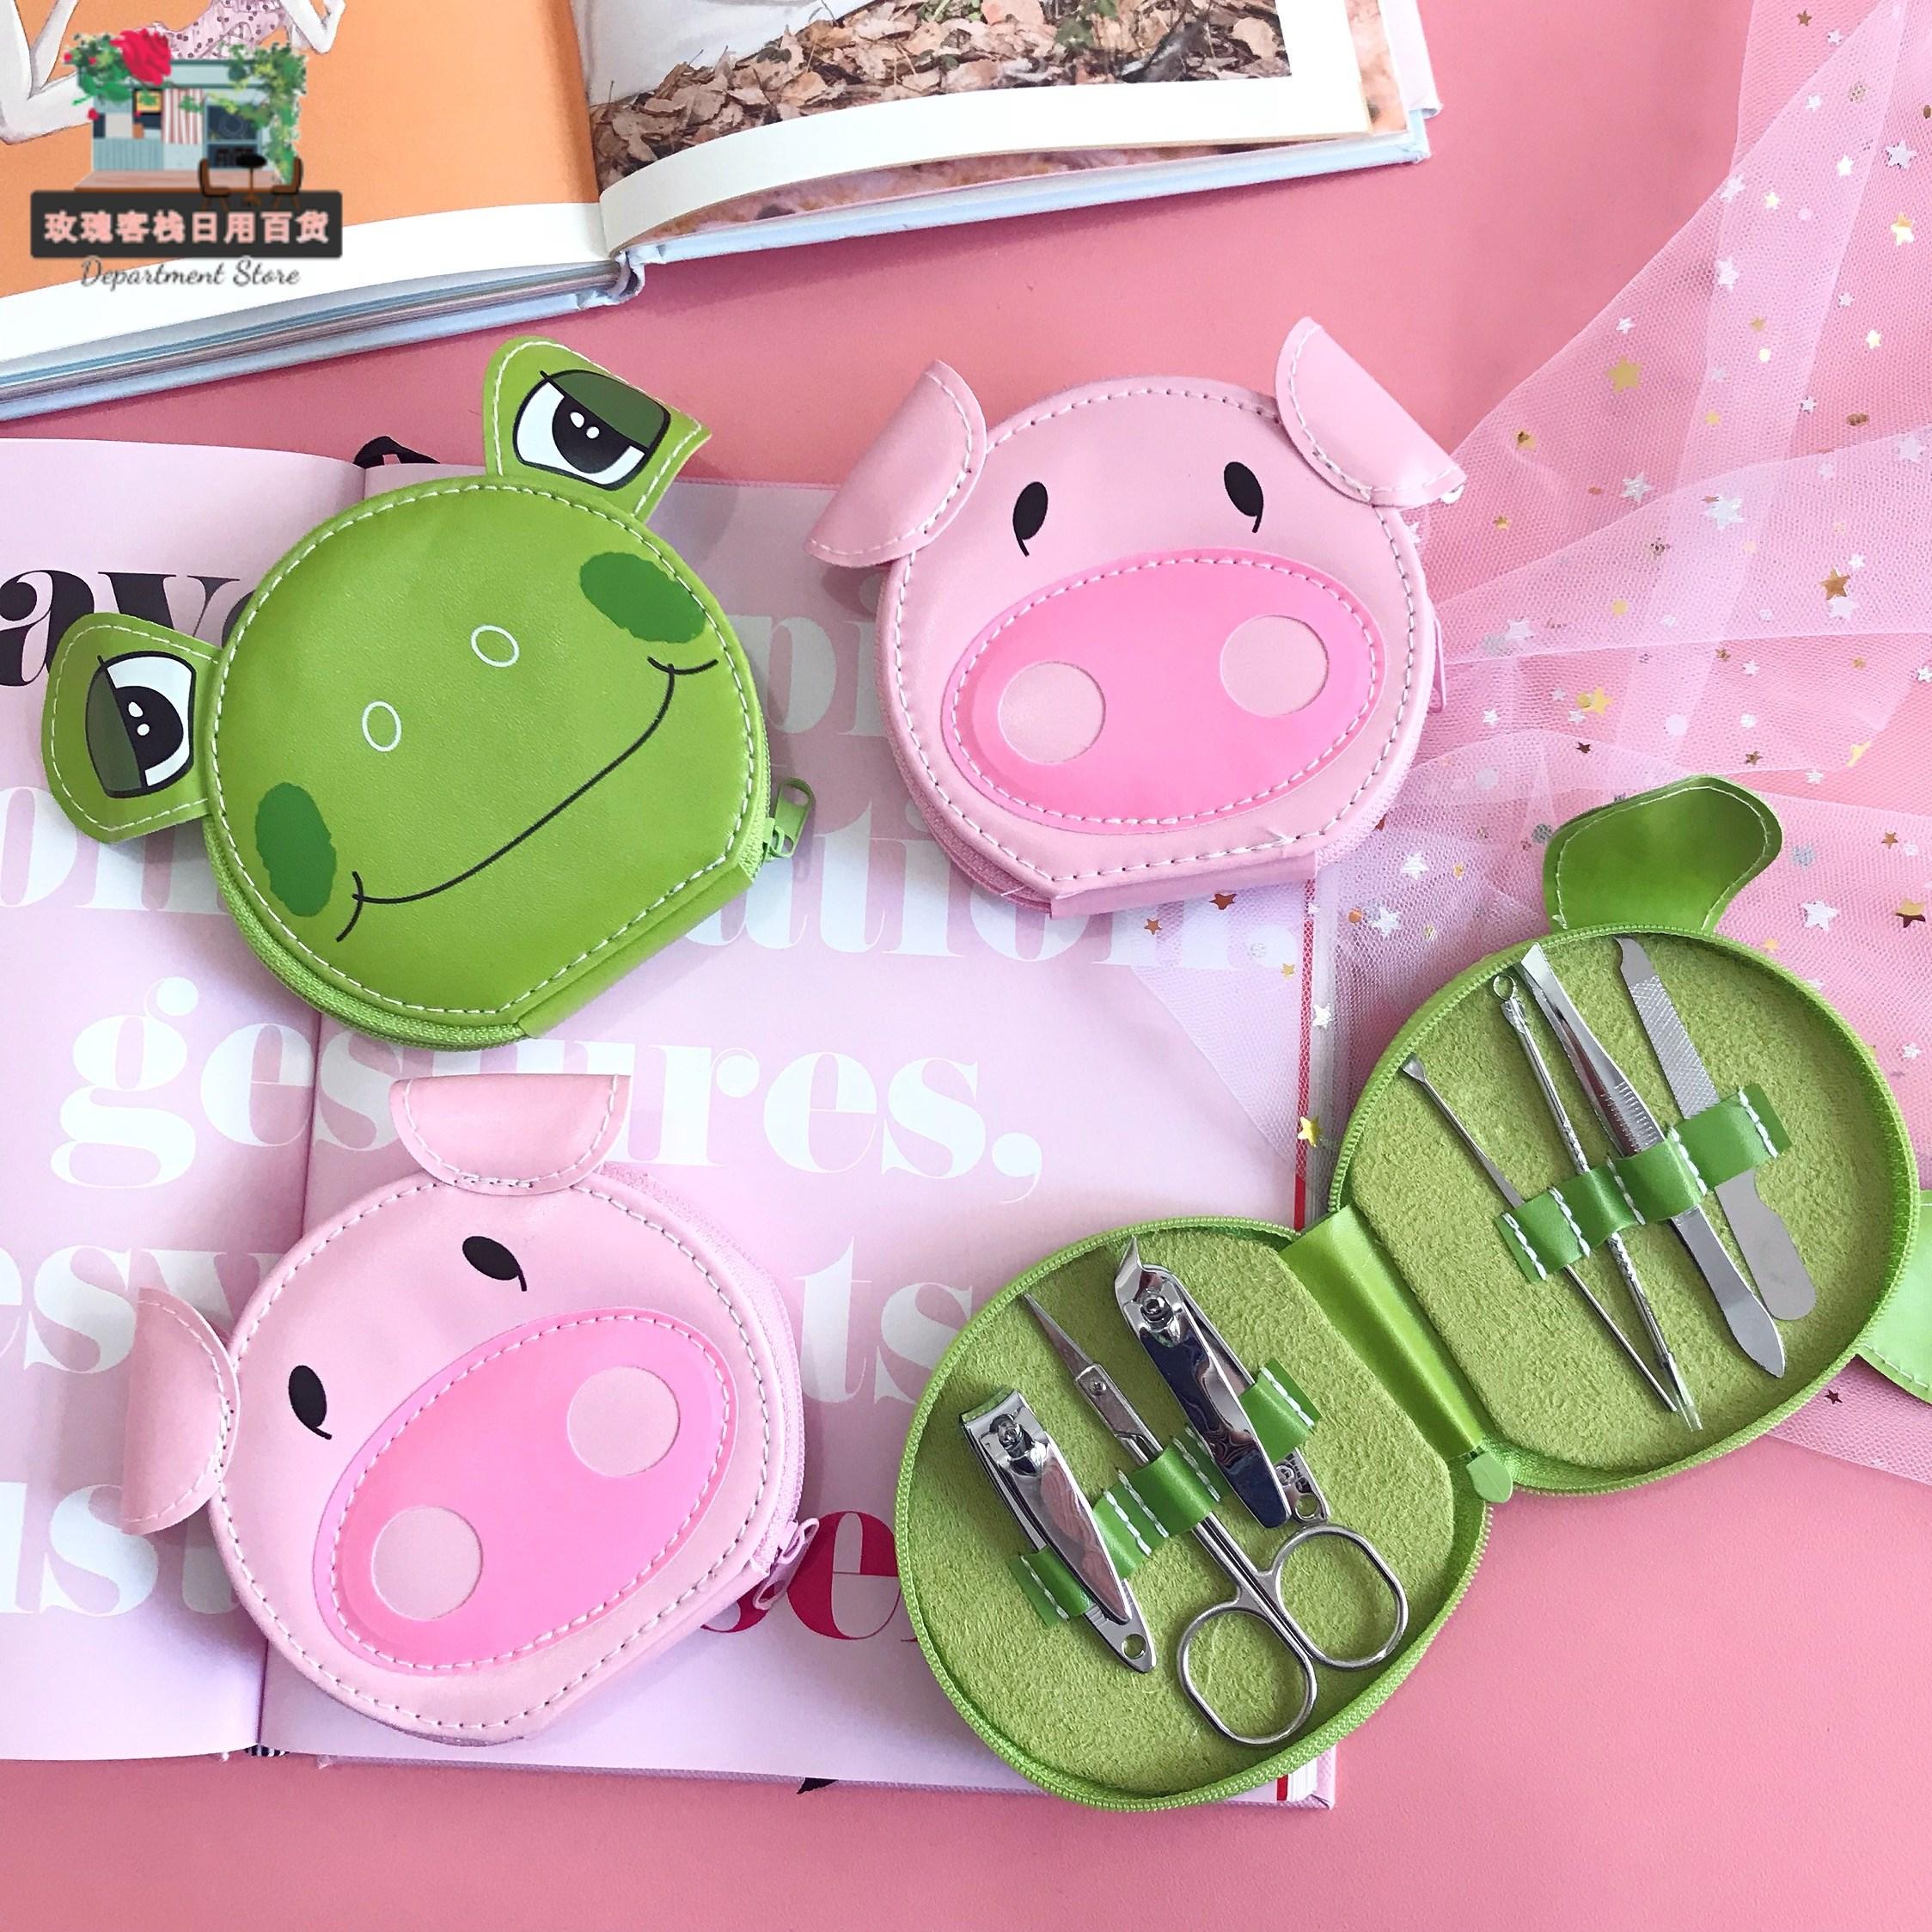 韩国少女心可爱卡通粉色小猪个人护理美甲修甲剪指甲钳工具套装包